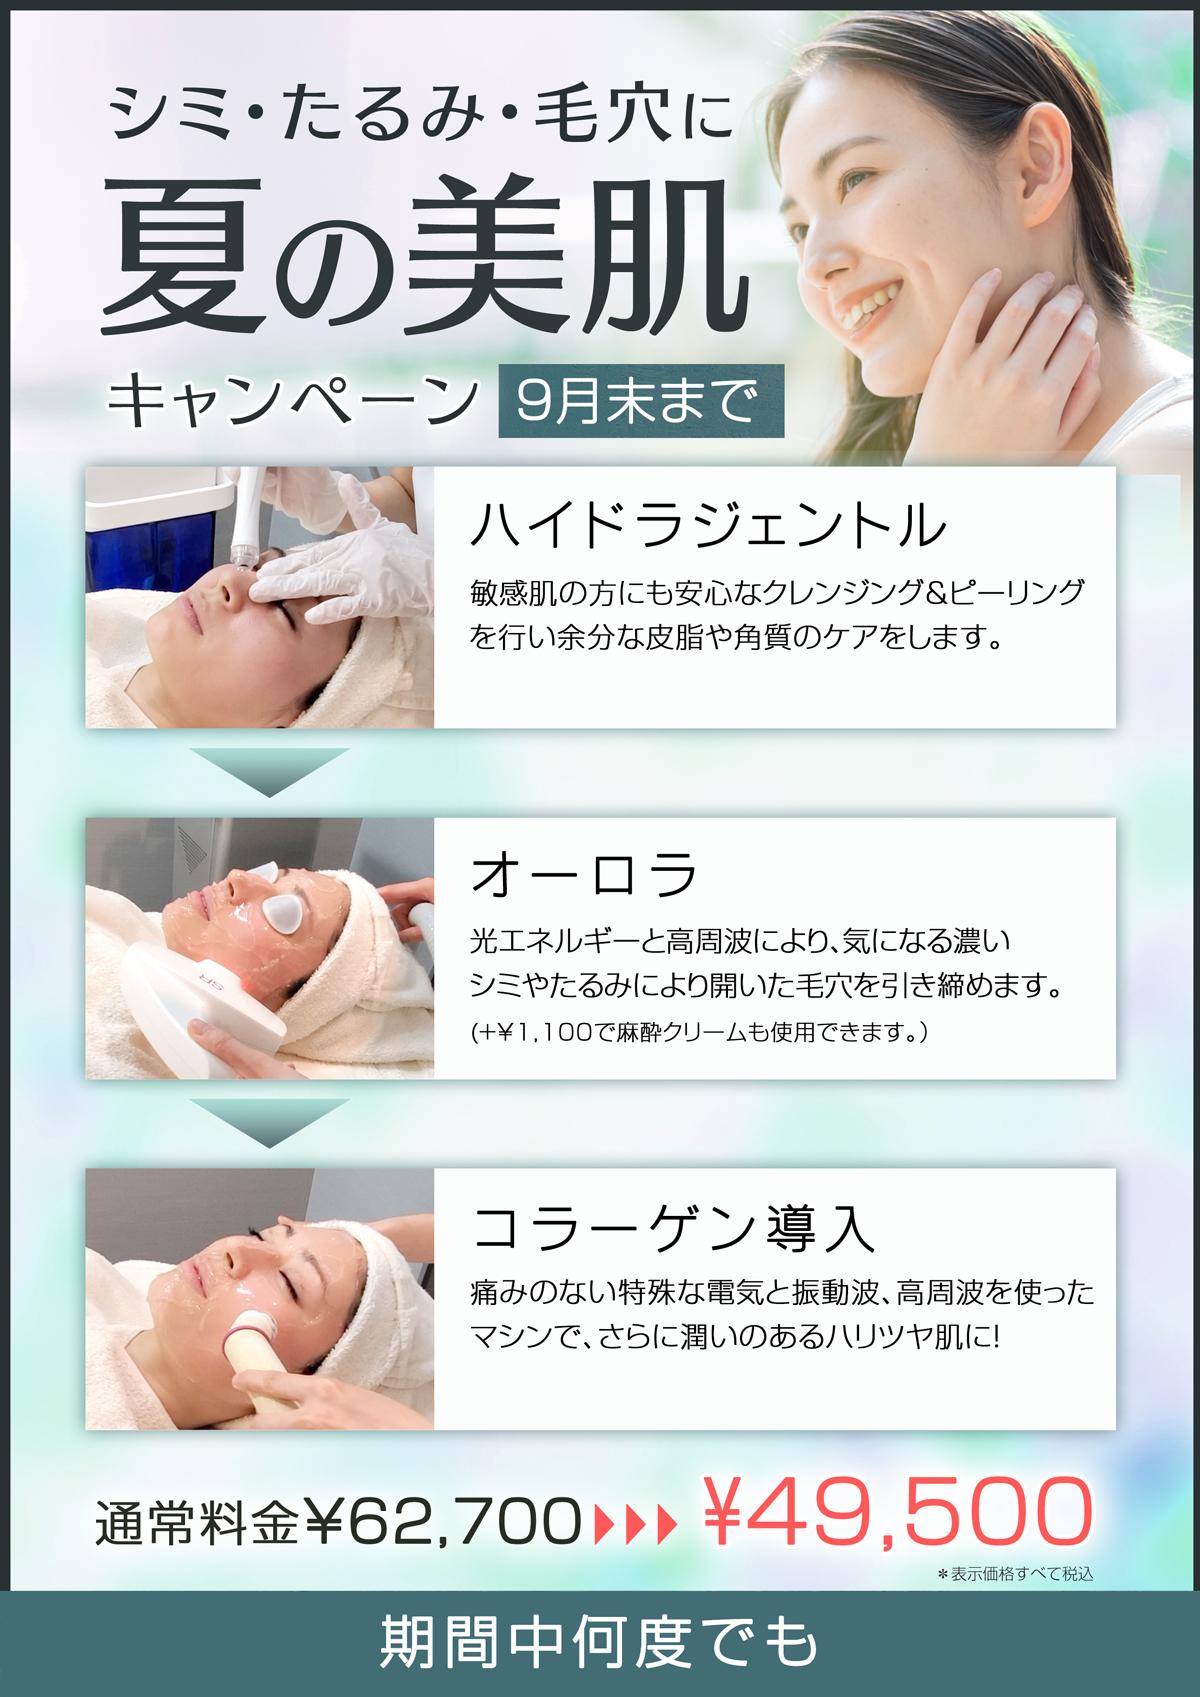 敏感肌の方にも安心なクレンジング&ピーリングを行い余分な皮脂や角質のケアする「ハイドラジェントル」と、 光エネルギーと高周波により、気になる濃いシミやたるみにより開いた毛穴を引き締める「」(+¥1,100で麻酔クリームも使用できます。)、 痛みのない特殊な電気と振動波、高周波を使ったマシンで、さらに潤いのあるハリツヤ肌になる「コラーゲン導入 」の組み合わせで、シミ・たるみ・毛穴を改善し、ウル艶肌へと仕上げます。 </p>